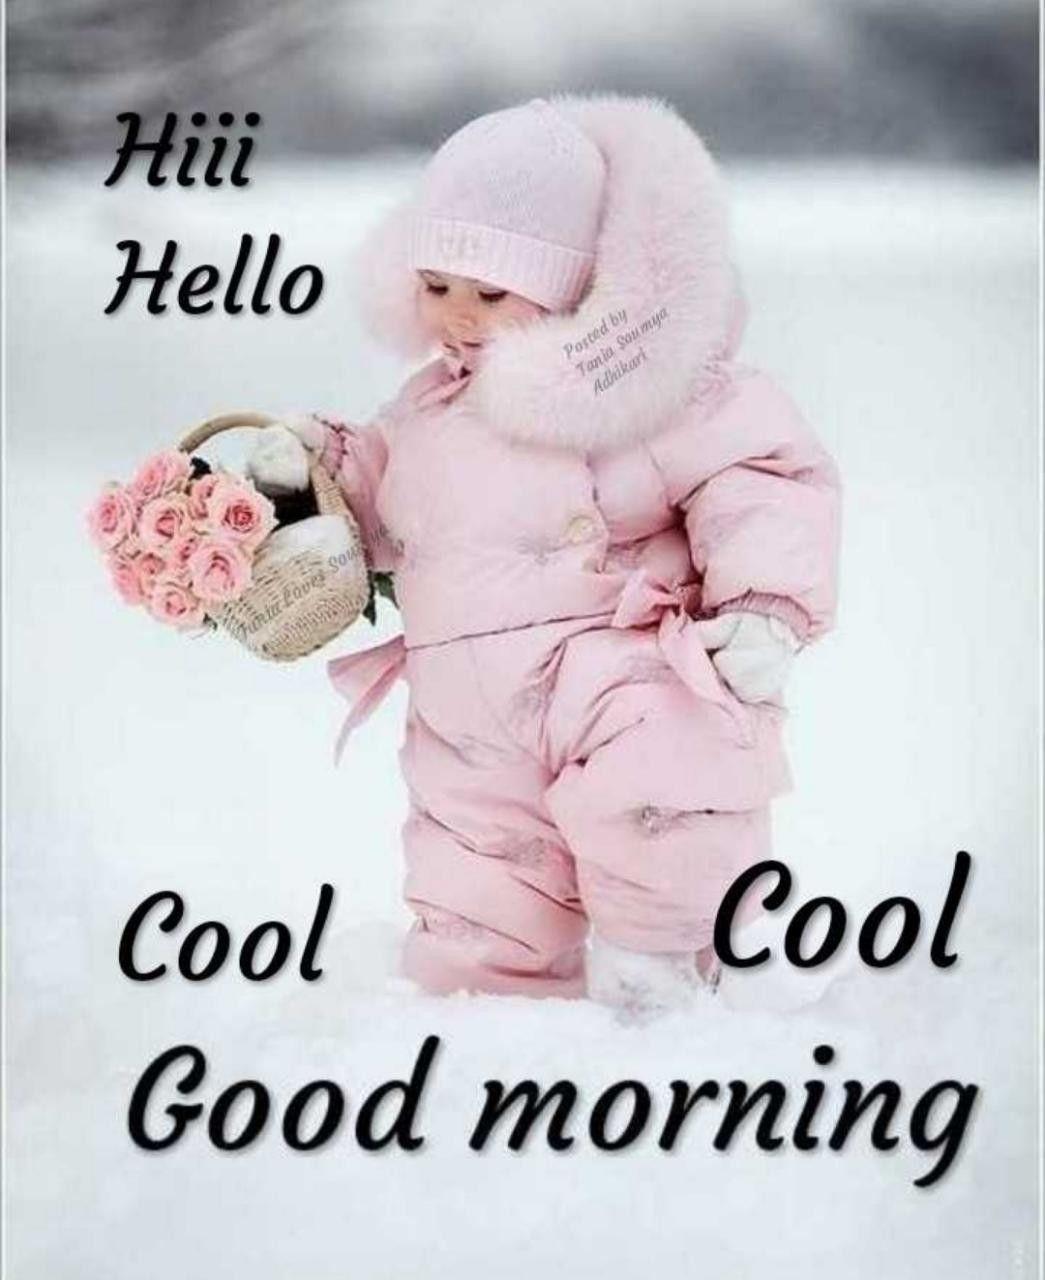 Pin By Arunrat Sornvilaiwan On Good Morning Good Morning Cards Good Morning Friends Images Good Morning Images